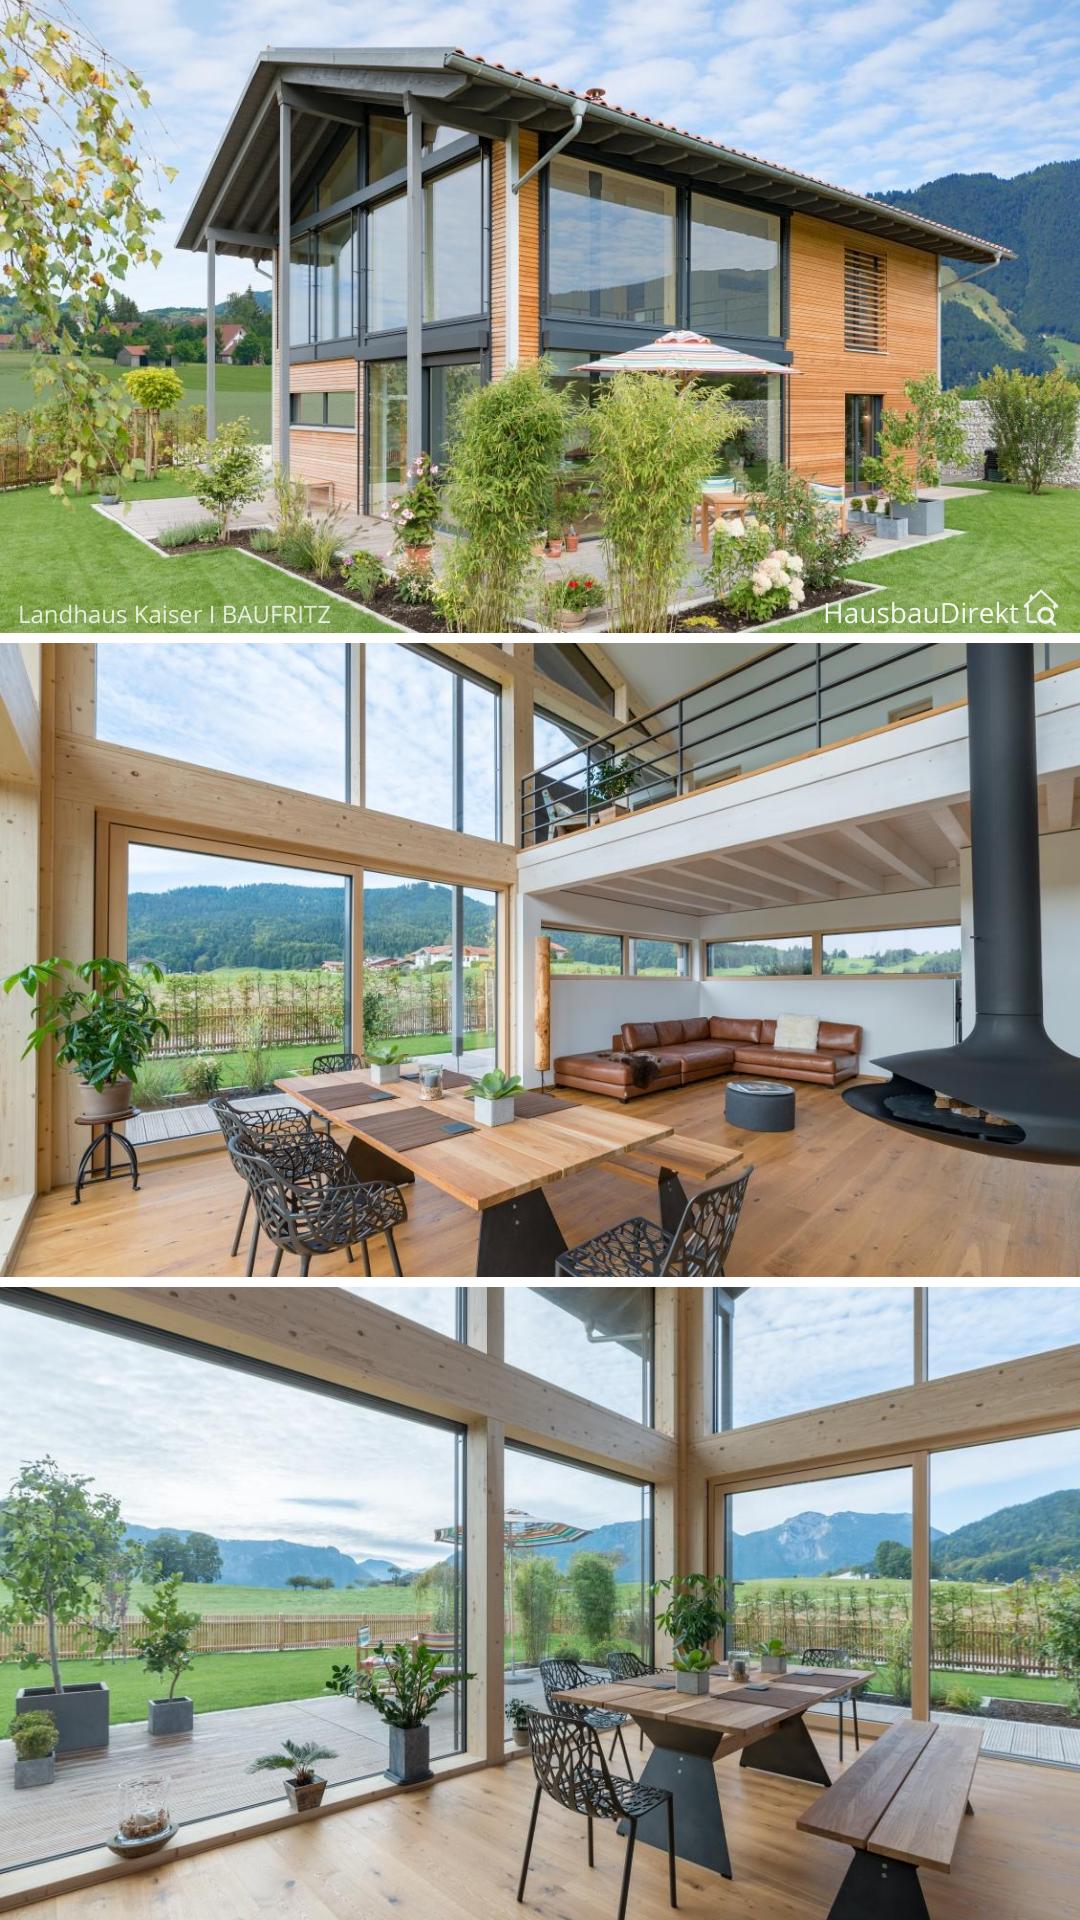 Modernes Haus Design mit viel Glas Holz Fassade & Satteldach bauen Einfamilienhaus mit Galerie